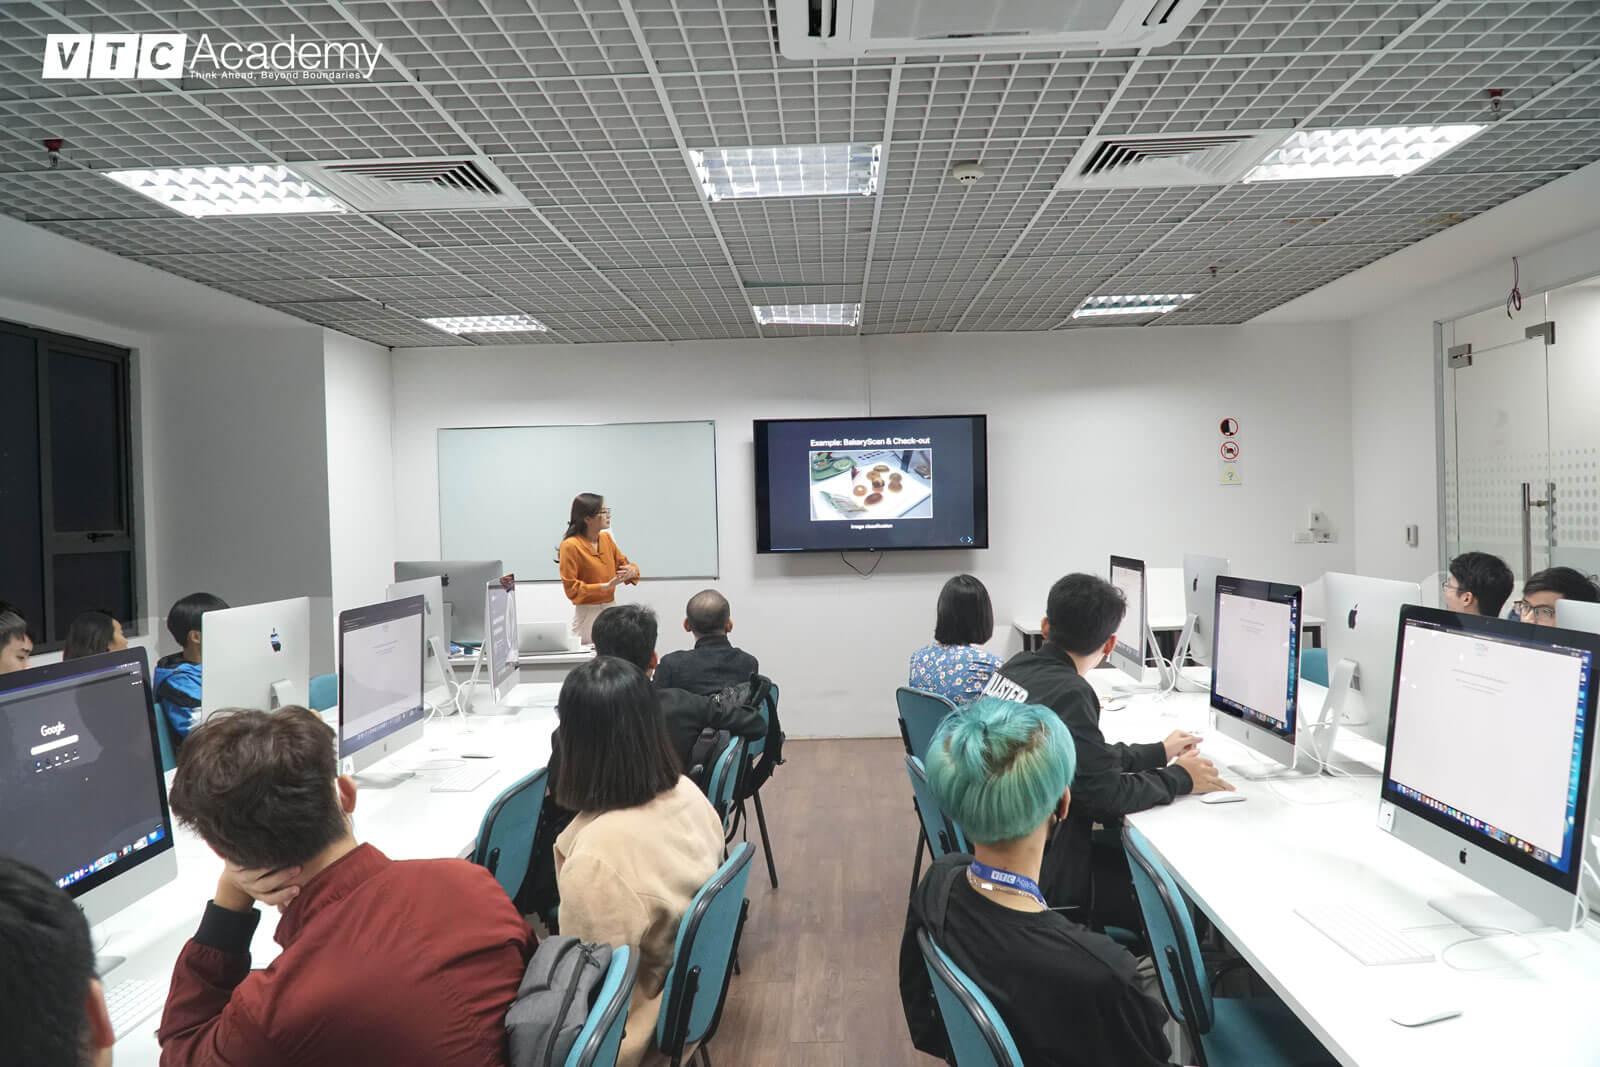 VTC Academy tổ chức chuỗi sự kiện khám phá Trí tuệ nhân tạo (AI) tại Hà Nội